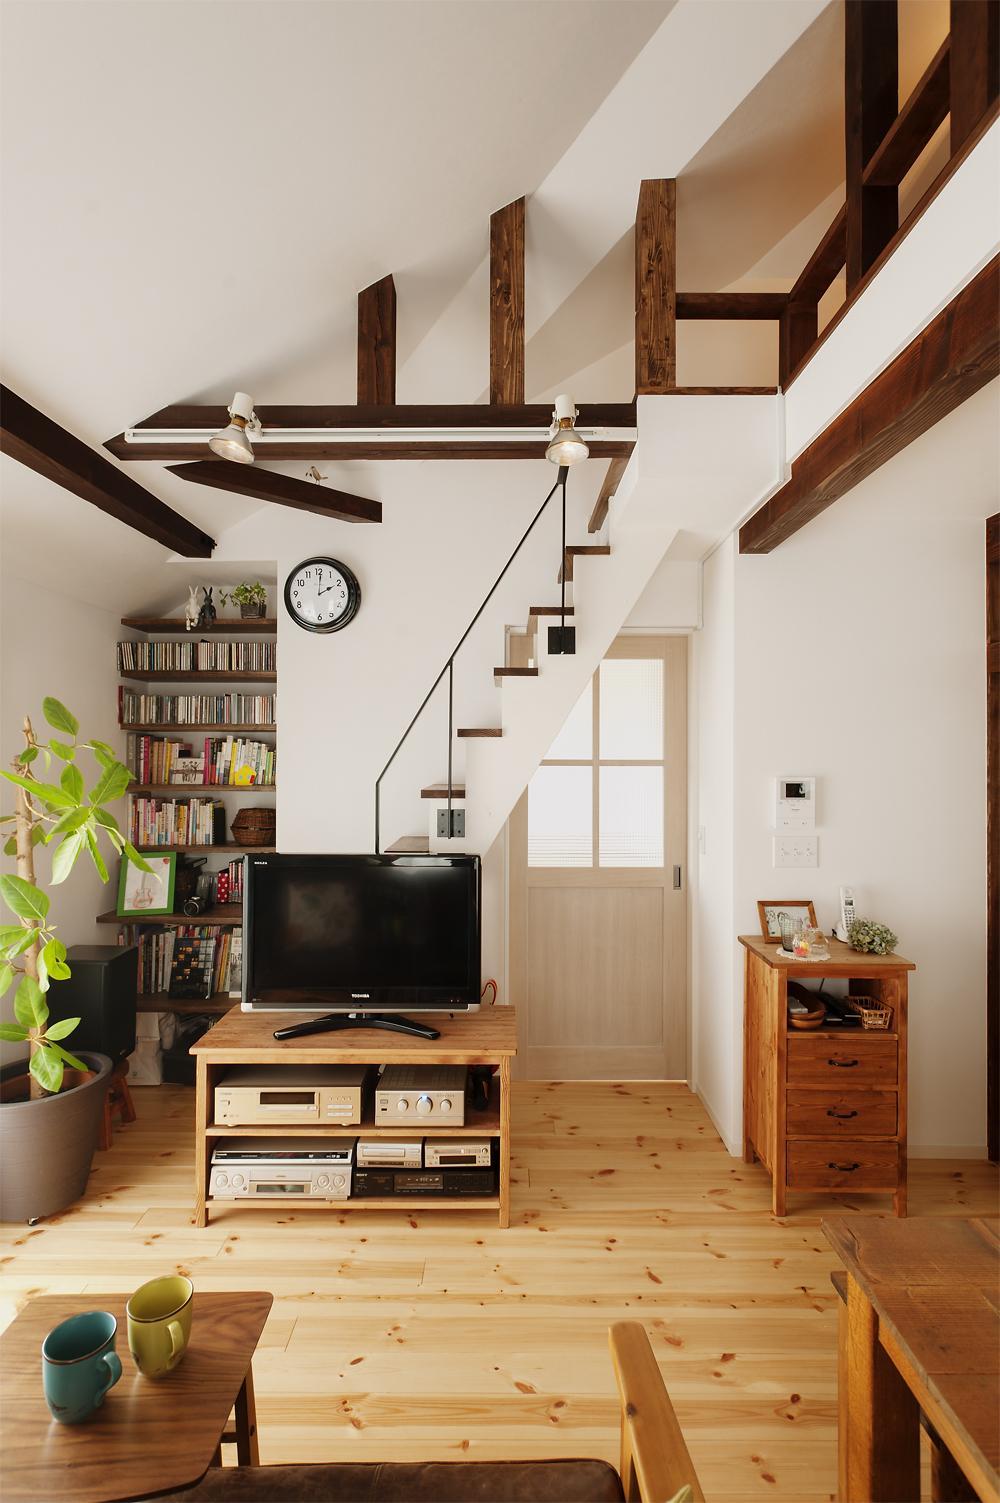 T邸・家族のくらしをより楽しく豊かにするとっておきの家の部屋 ロフトにつながる階段